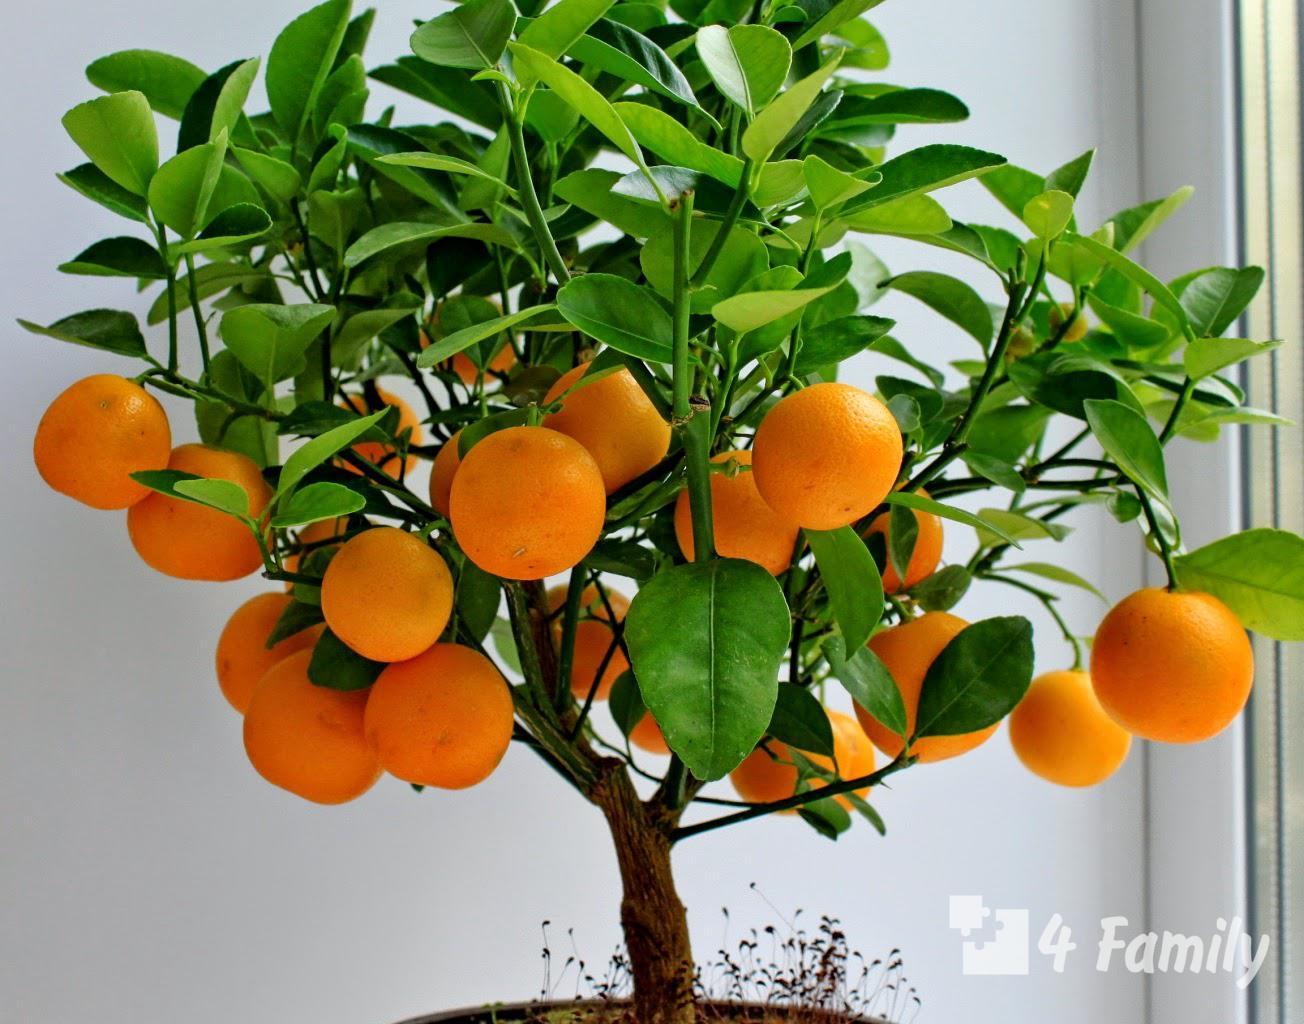 Фото. Какие фрукты можно вырастить дома